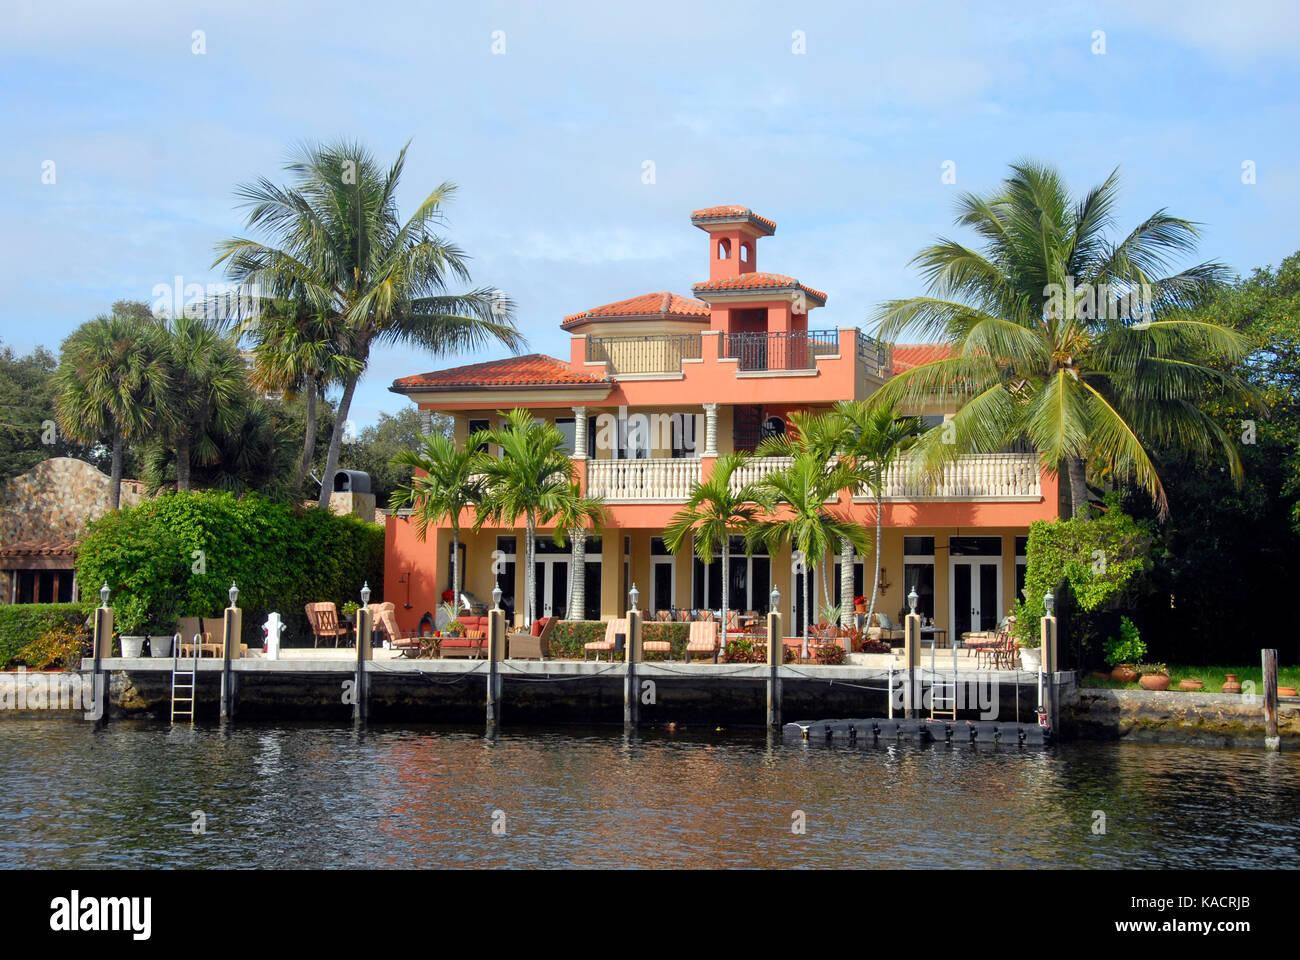 Riverside dwelling, Fort Lauderdale, Florida, USA Stock Photo